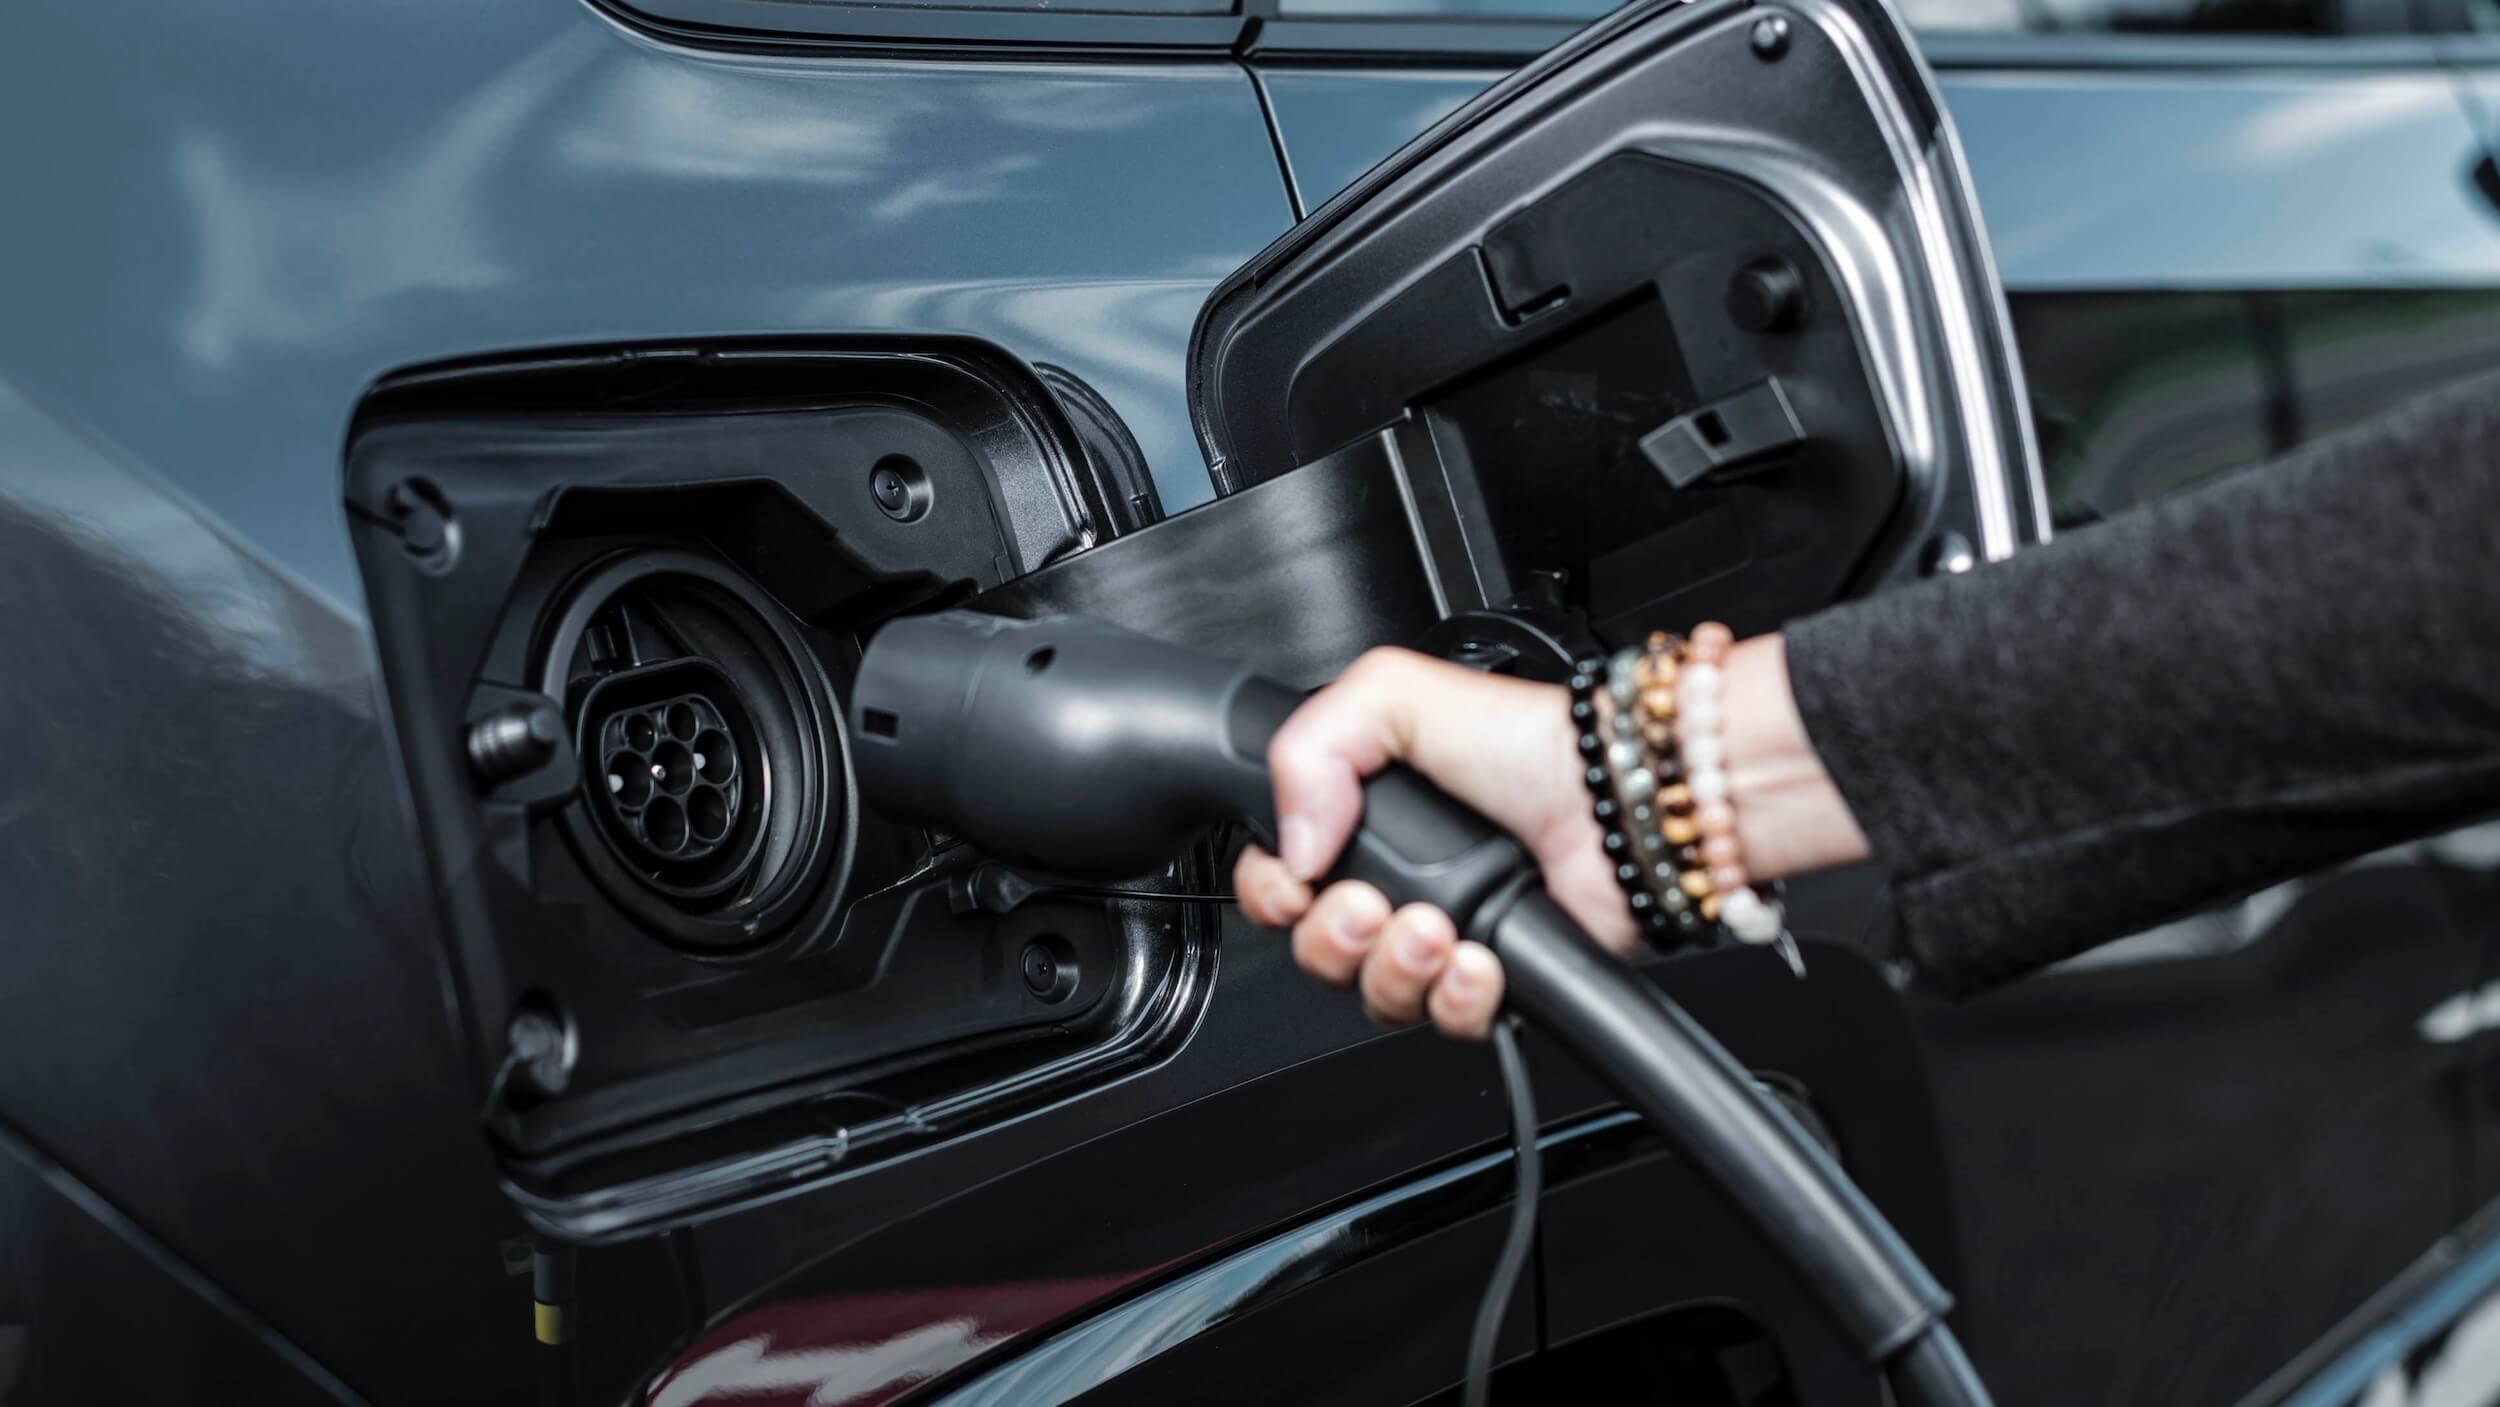 Toyota RAV4 Plug in hybride laadplug